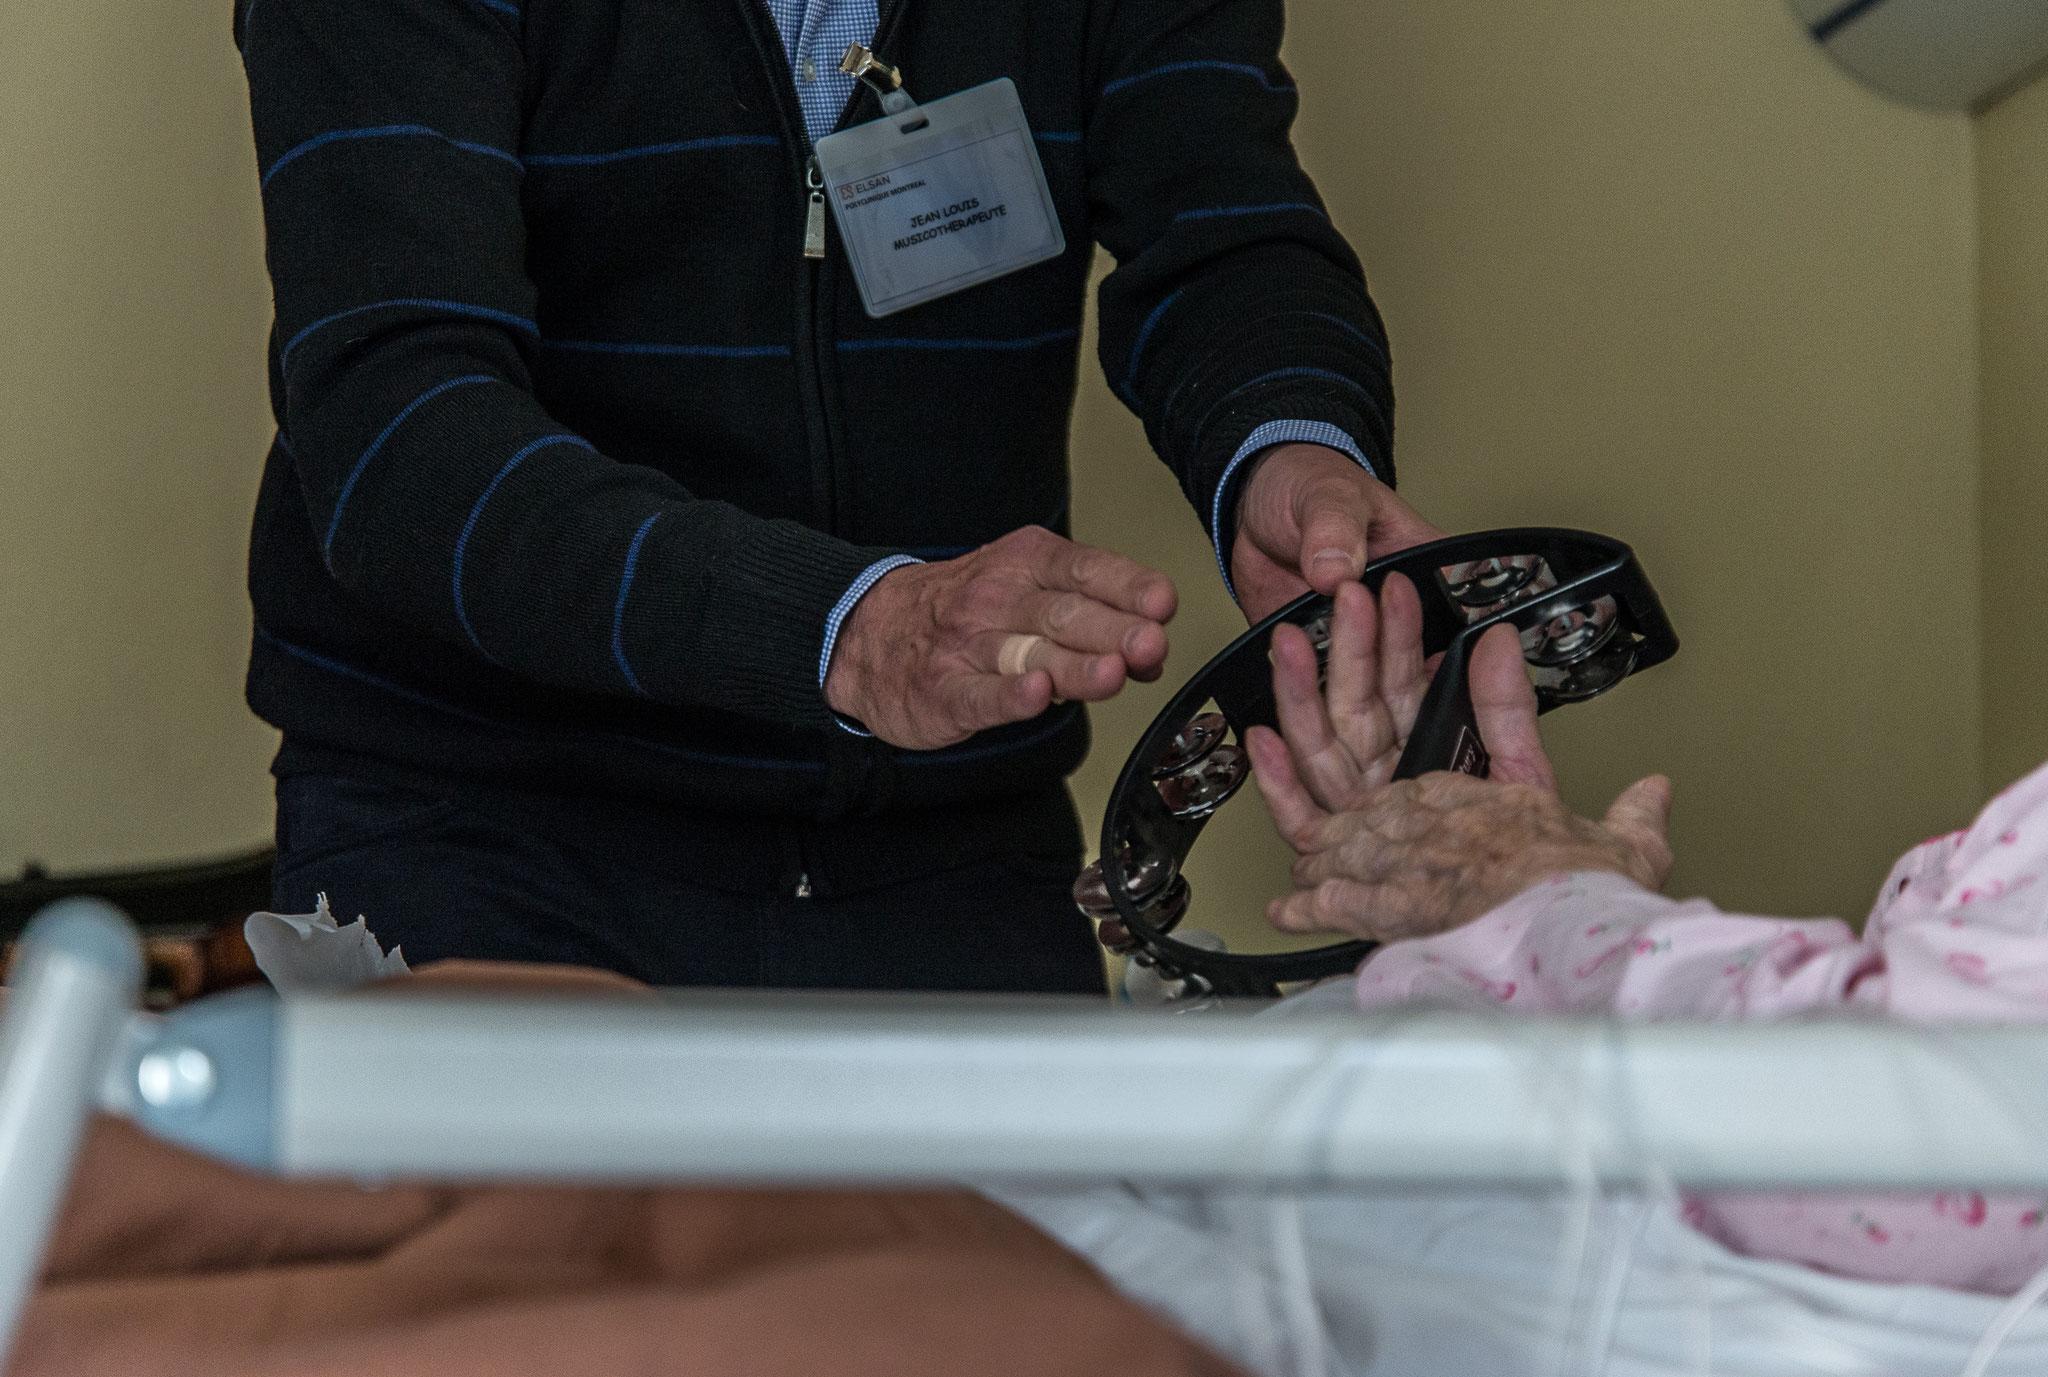 Quand il le peut Jean Louis fait participer les patients afin de les redynamiser